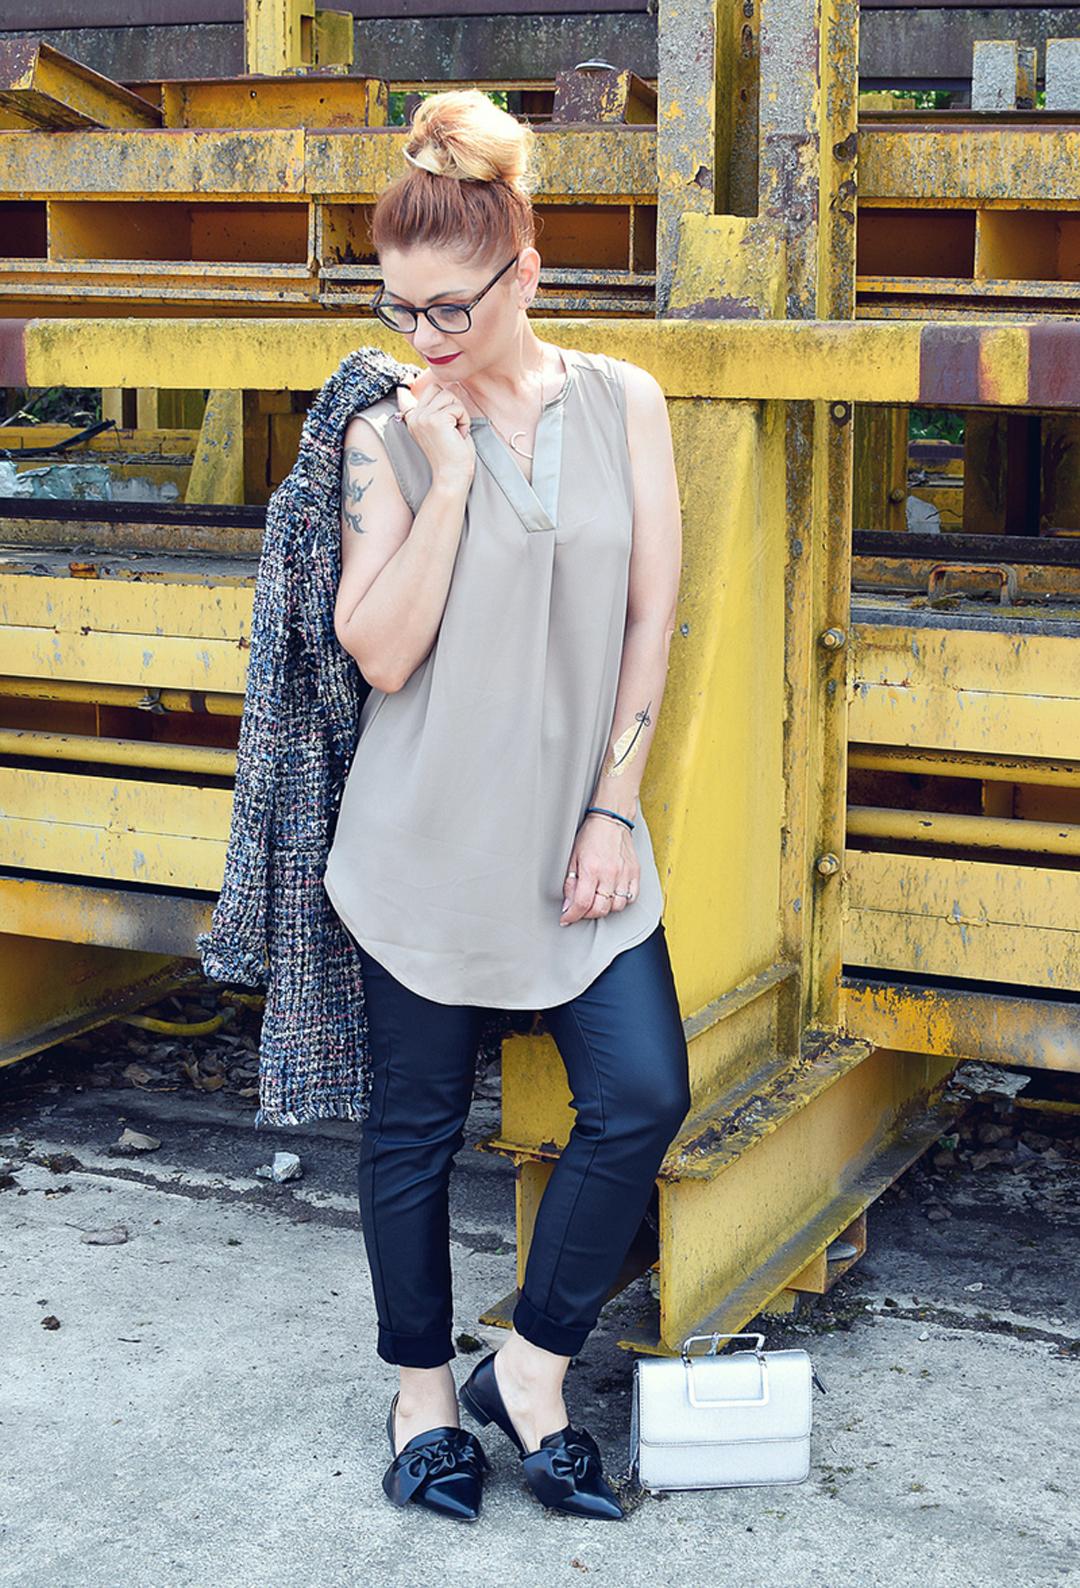 Amy Vermont by Wenz, so stylst Du einen Bouclé Mantel von Amy Vermont